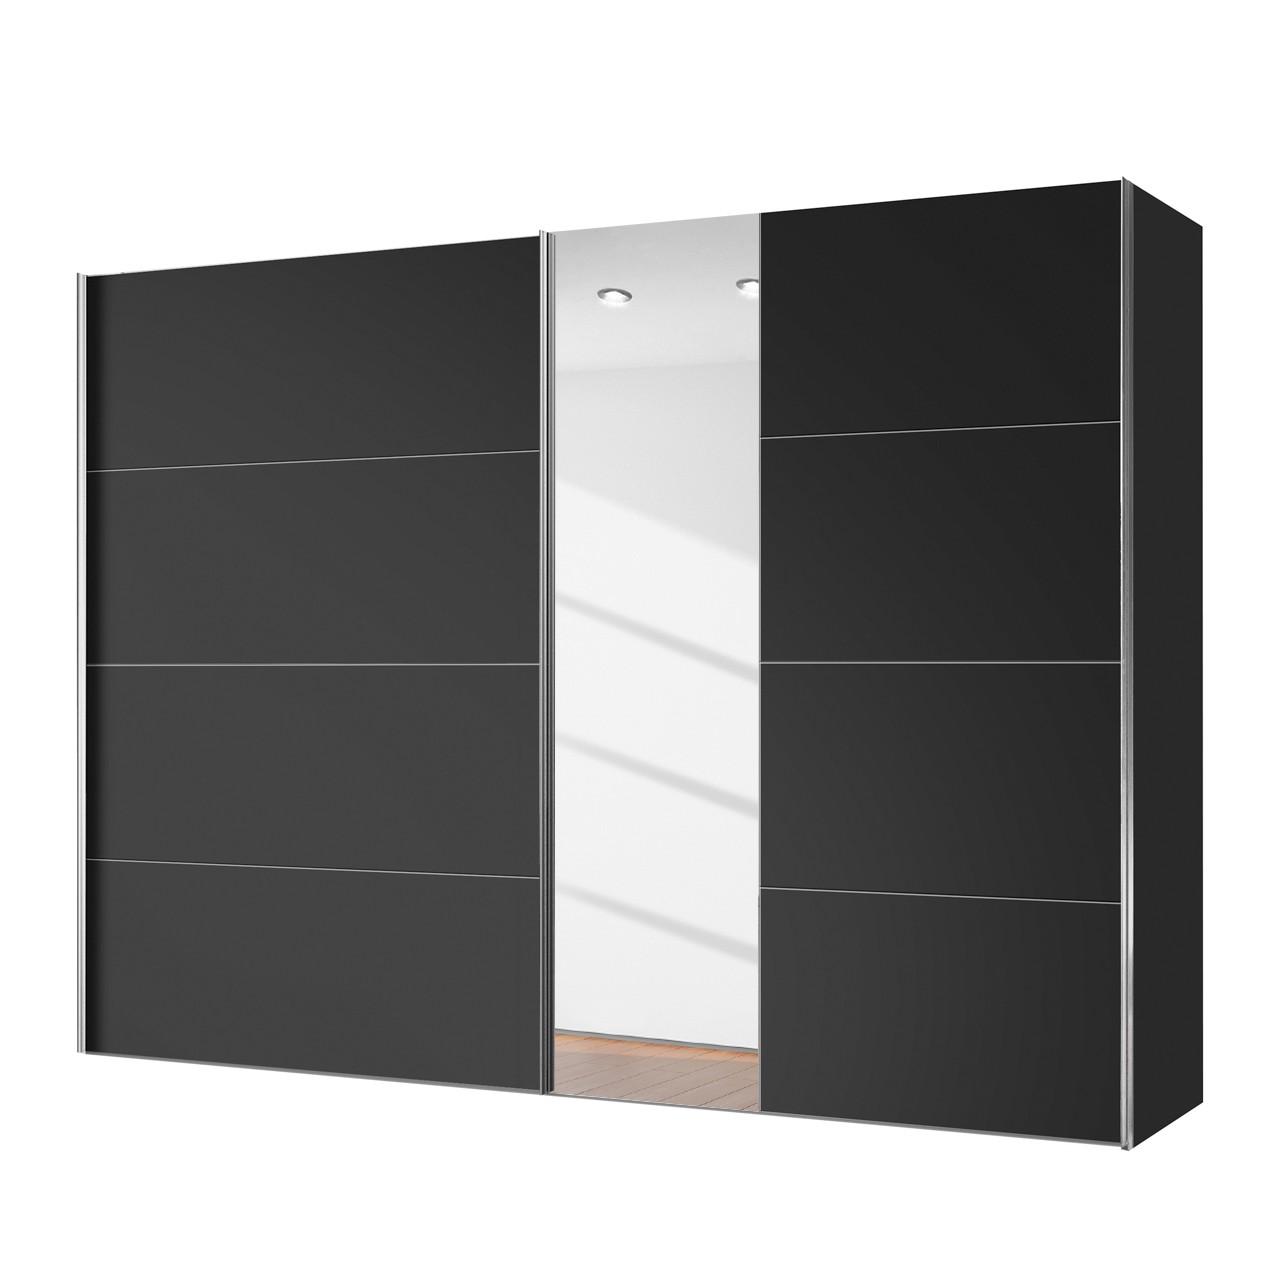 Armoire à portes coulissantes Willows - Noir / Verre de miroir - 250 cm (2 portes), Express Möbel